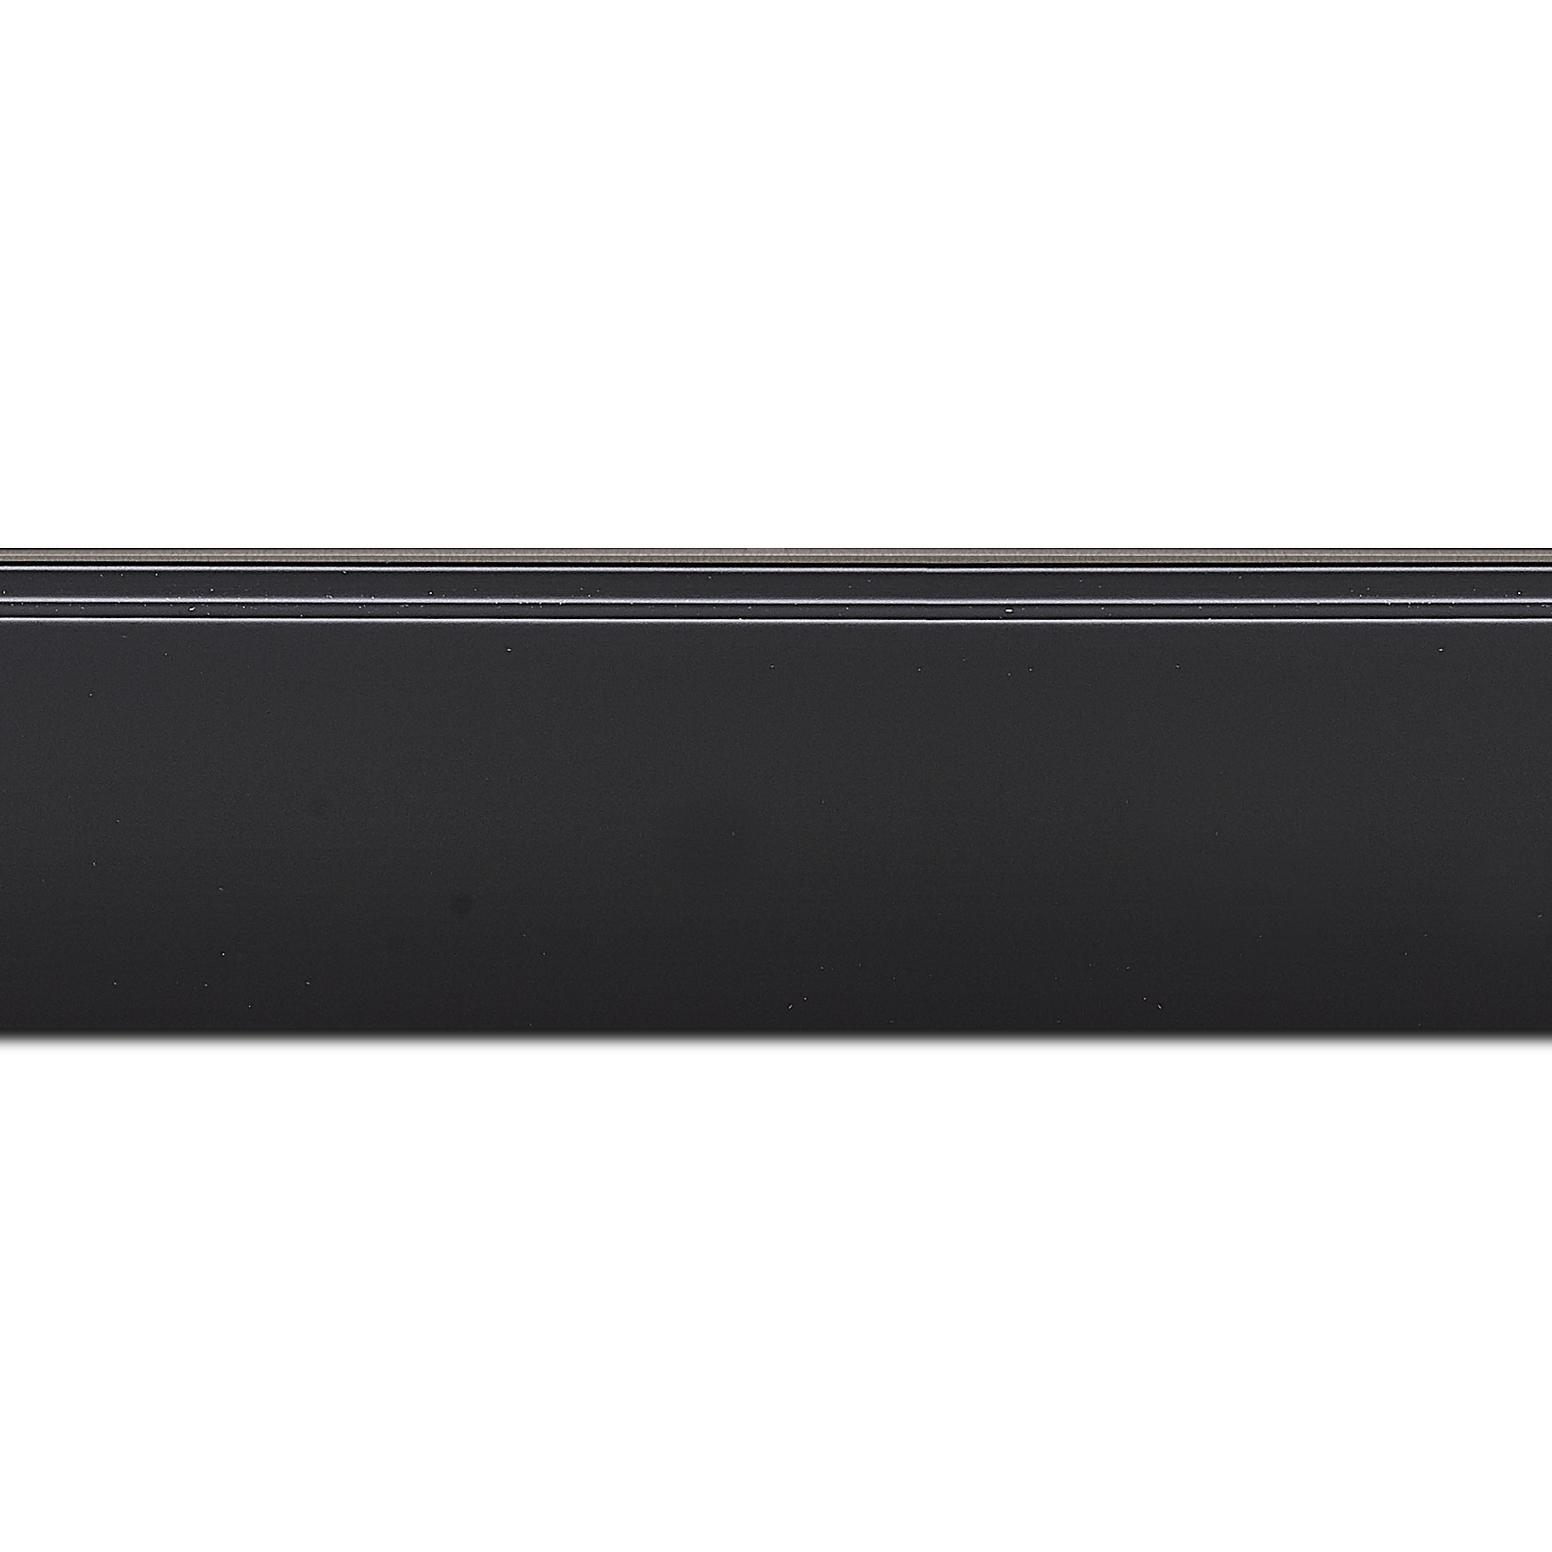 Baguette longueur 1.40m bois profil en pente méplat largeur 4.8cm couleur noir mat surligné par une gorge extérieure noire : originalité et élégance assurée